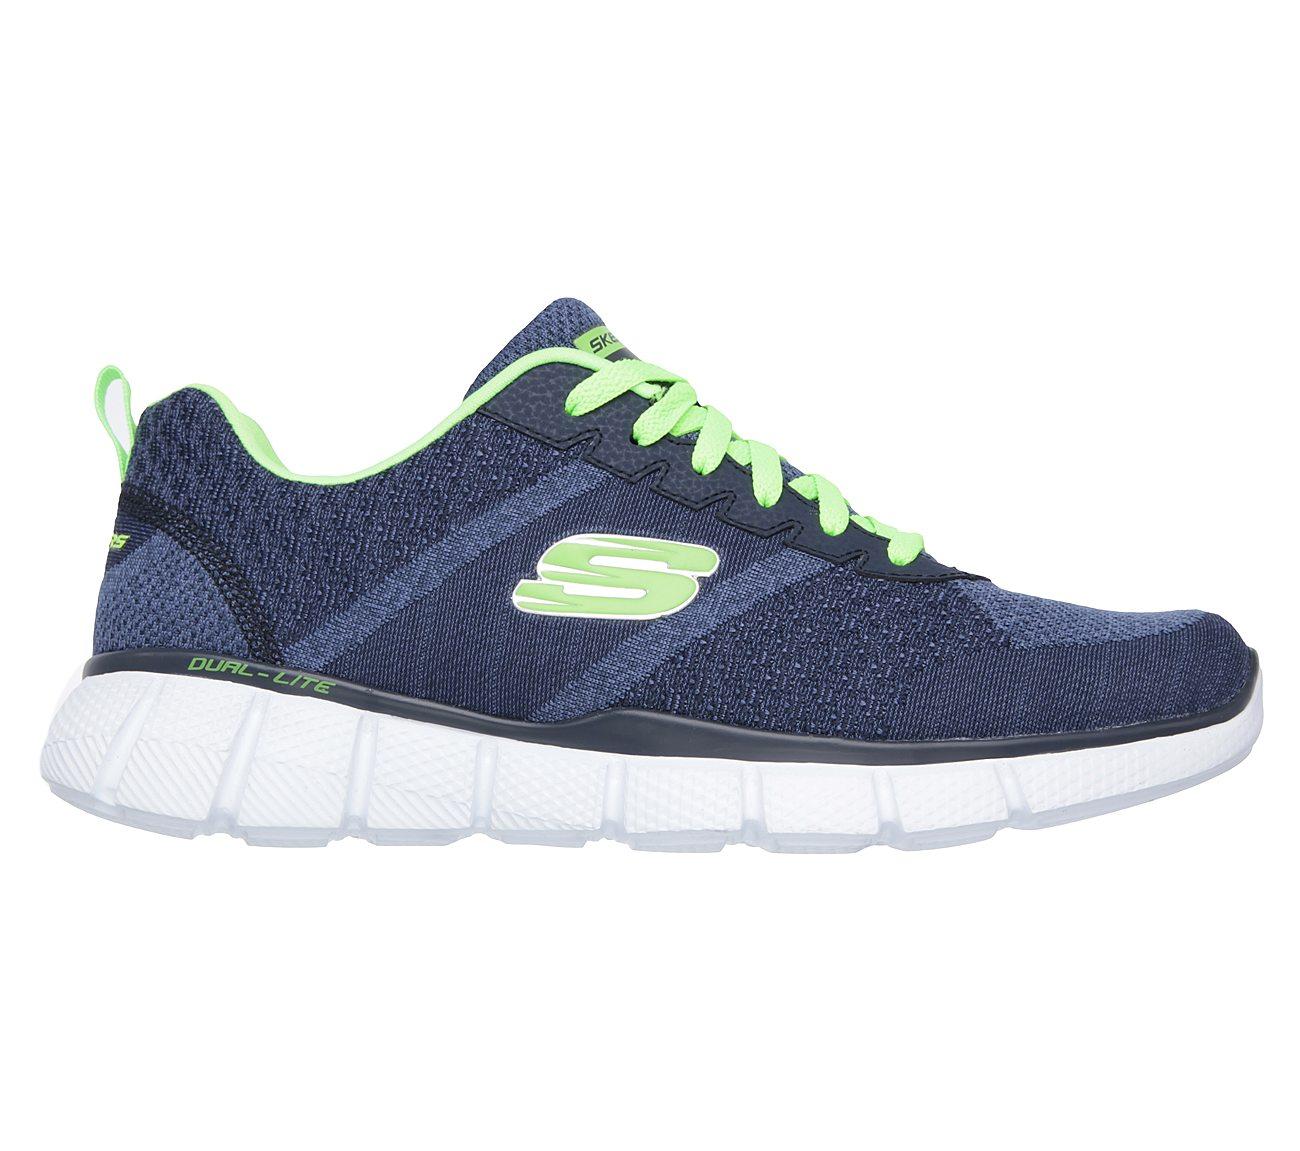 0af075e254bc Buy SKECHERS Equalizer 2.0 - True Balance SKECHERS Sport Shoes only ...